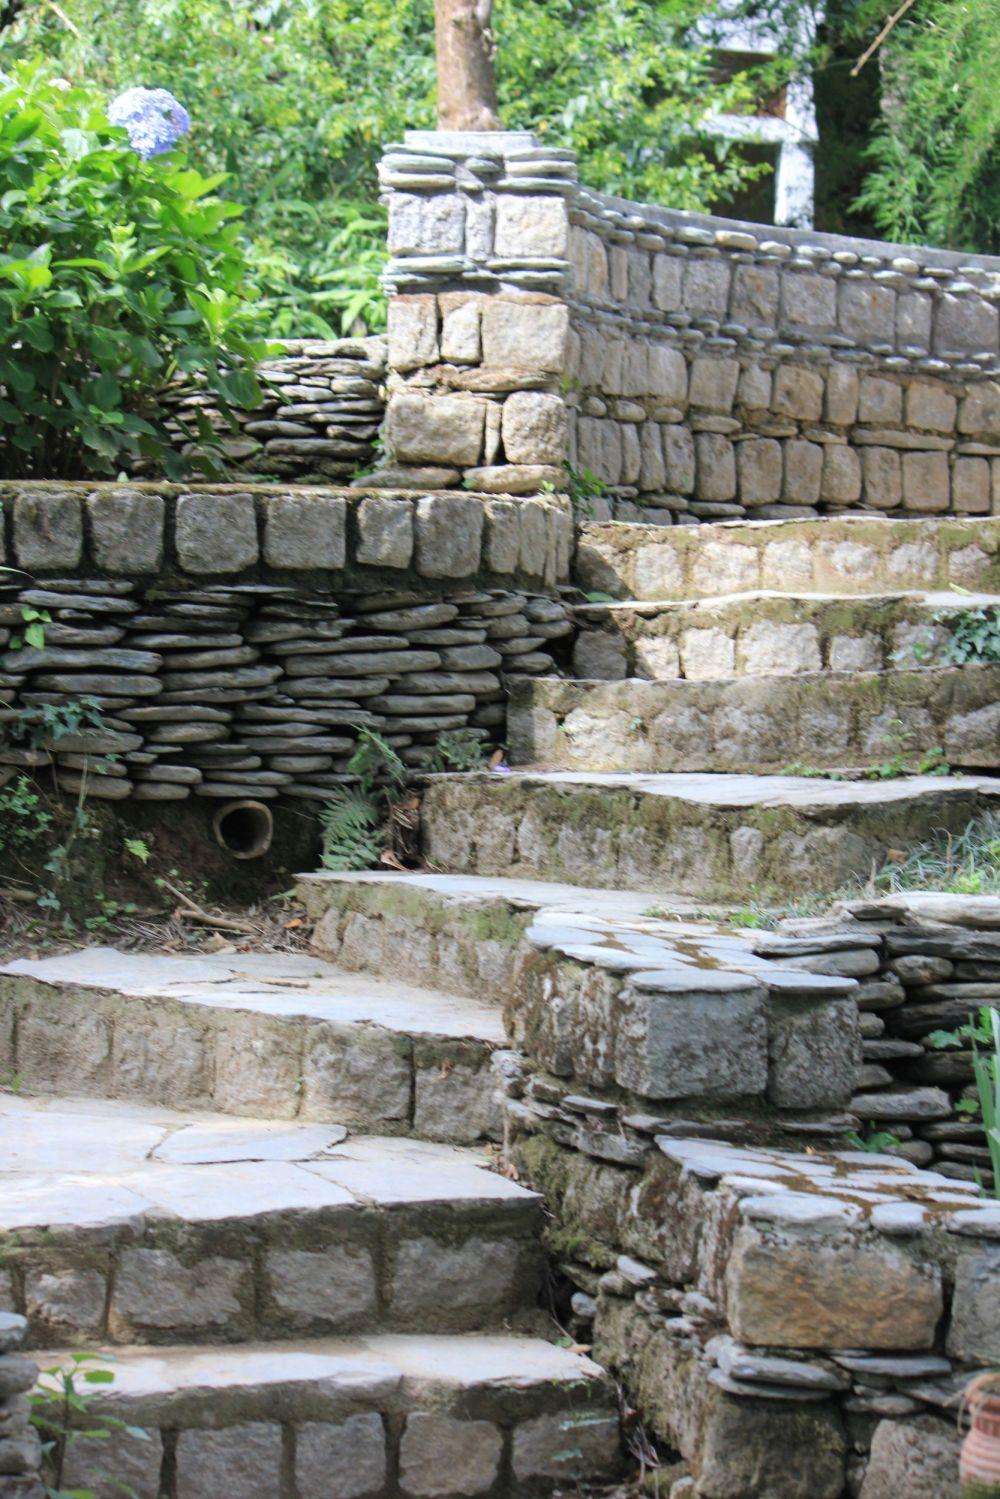 schody_norbulinka_architektura_tybetańska